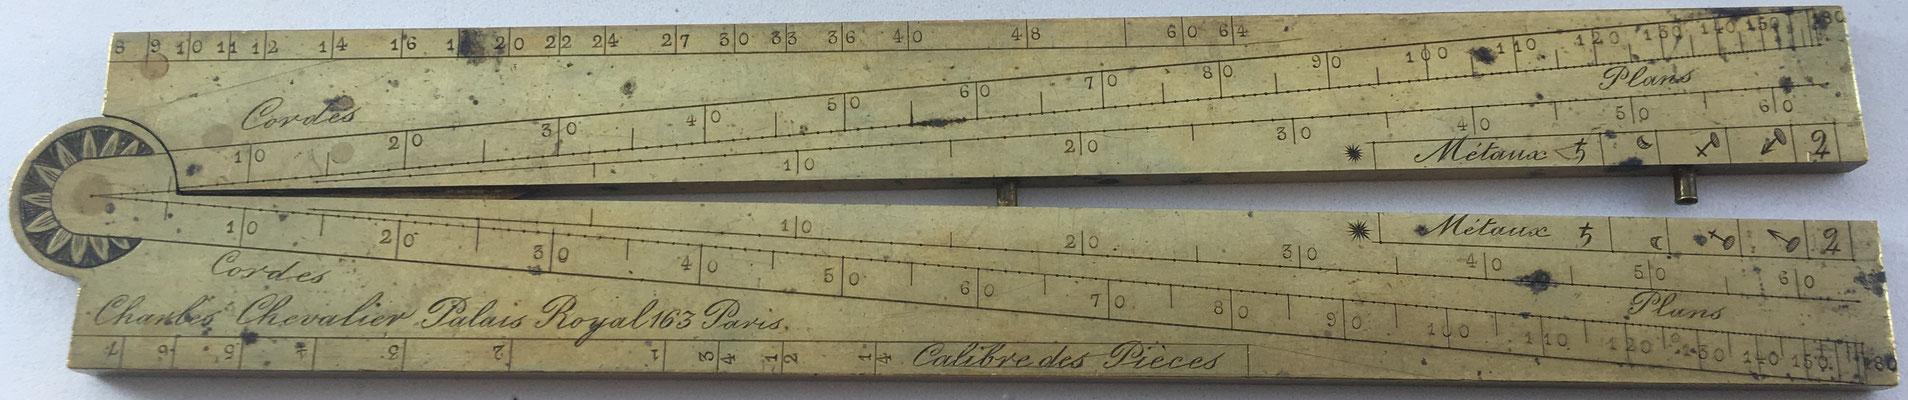 Inscripciones en el Sector francés:  Les Partíes Equales. Poligones, Les Cordes, Métause, Boulets y Solides y símbolos para diferentes metales